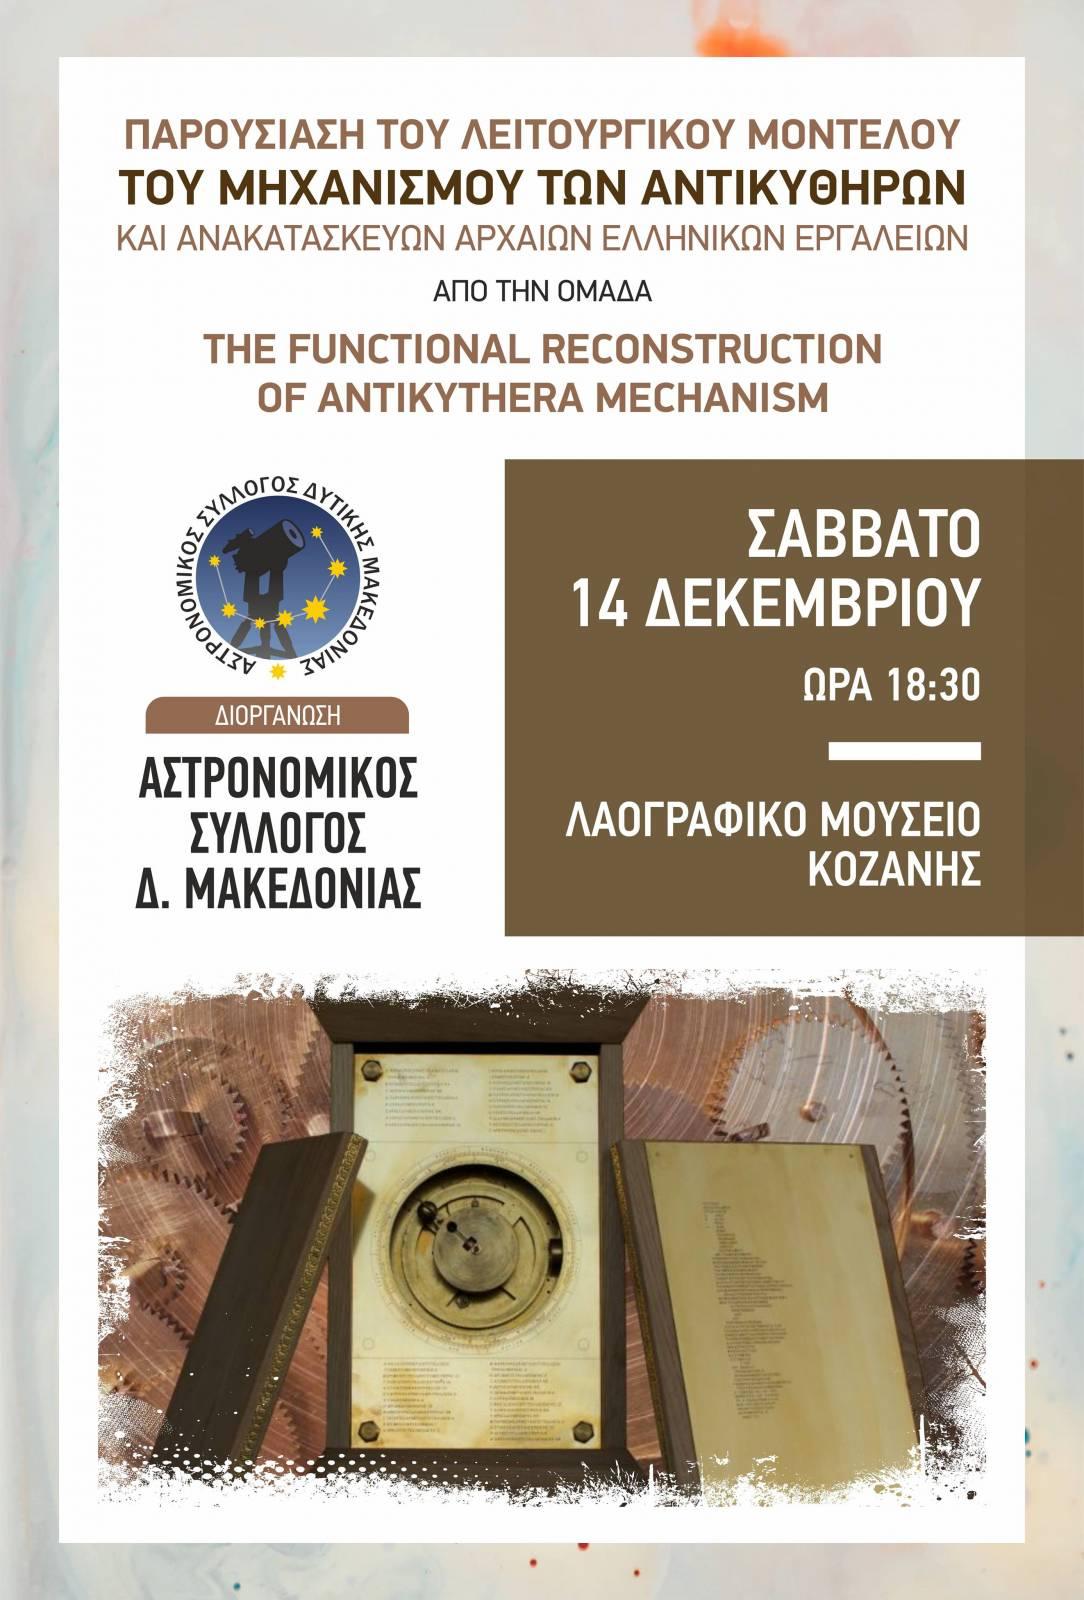 """Ομιλία από τον Αστρονομικό Σύλλογο Δυτικής Μακεδονίας με θέμα: """"Παρουσίαση του λειτουργικού μοντέλου του Μηχανισμού των Αντικυθήρων"""""""